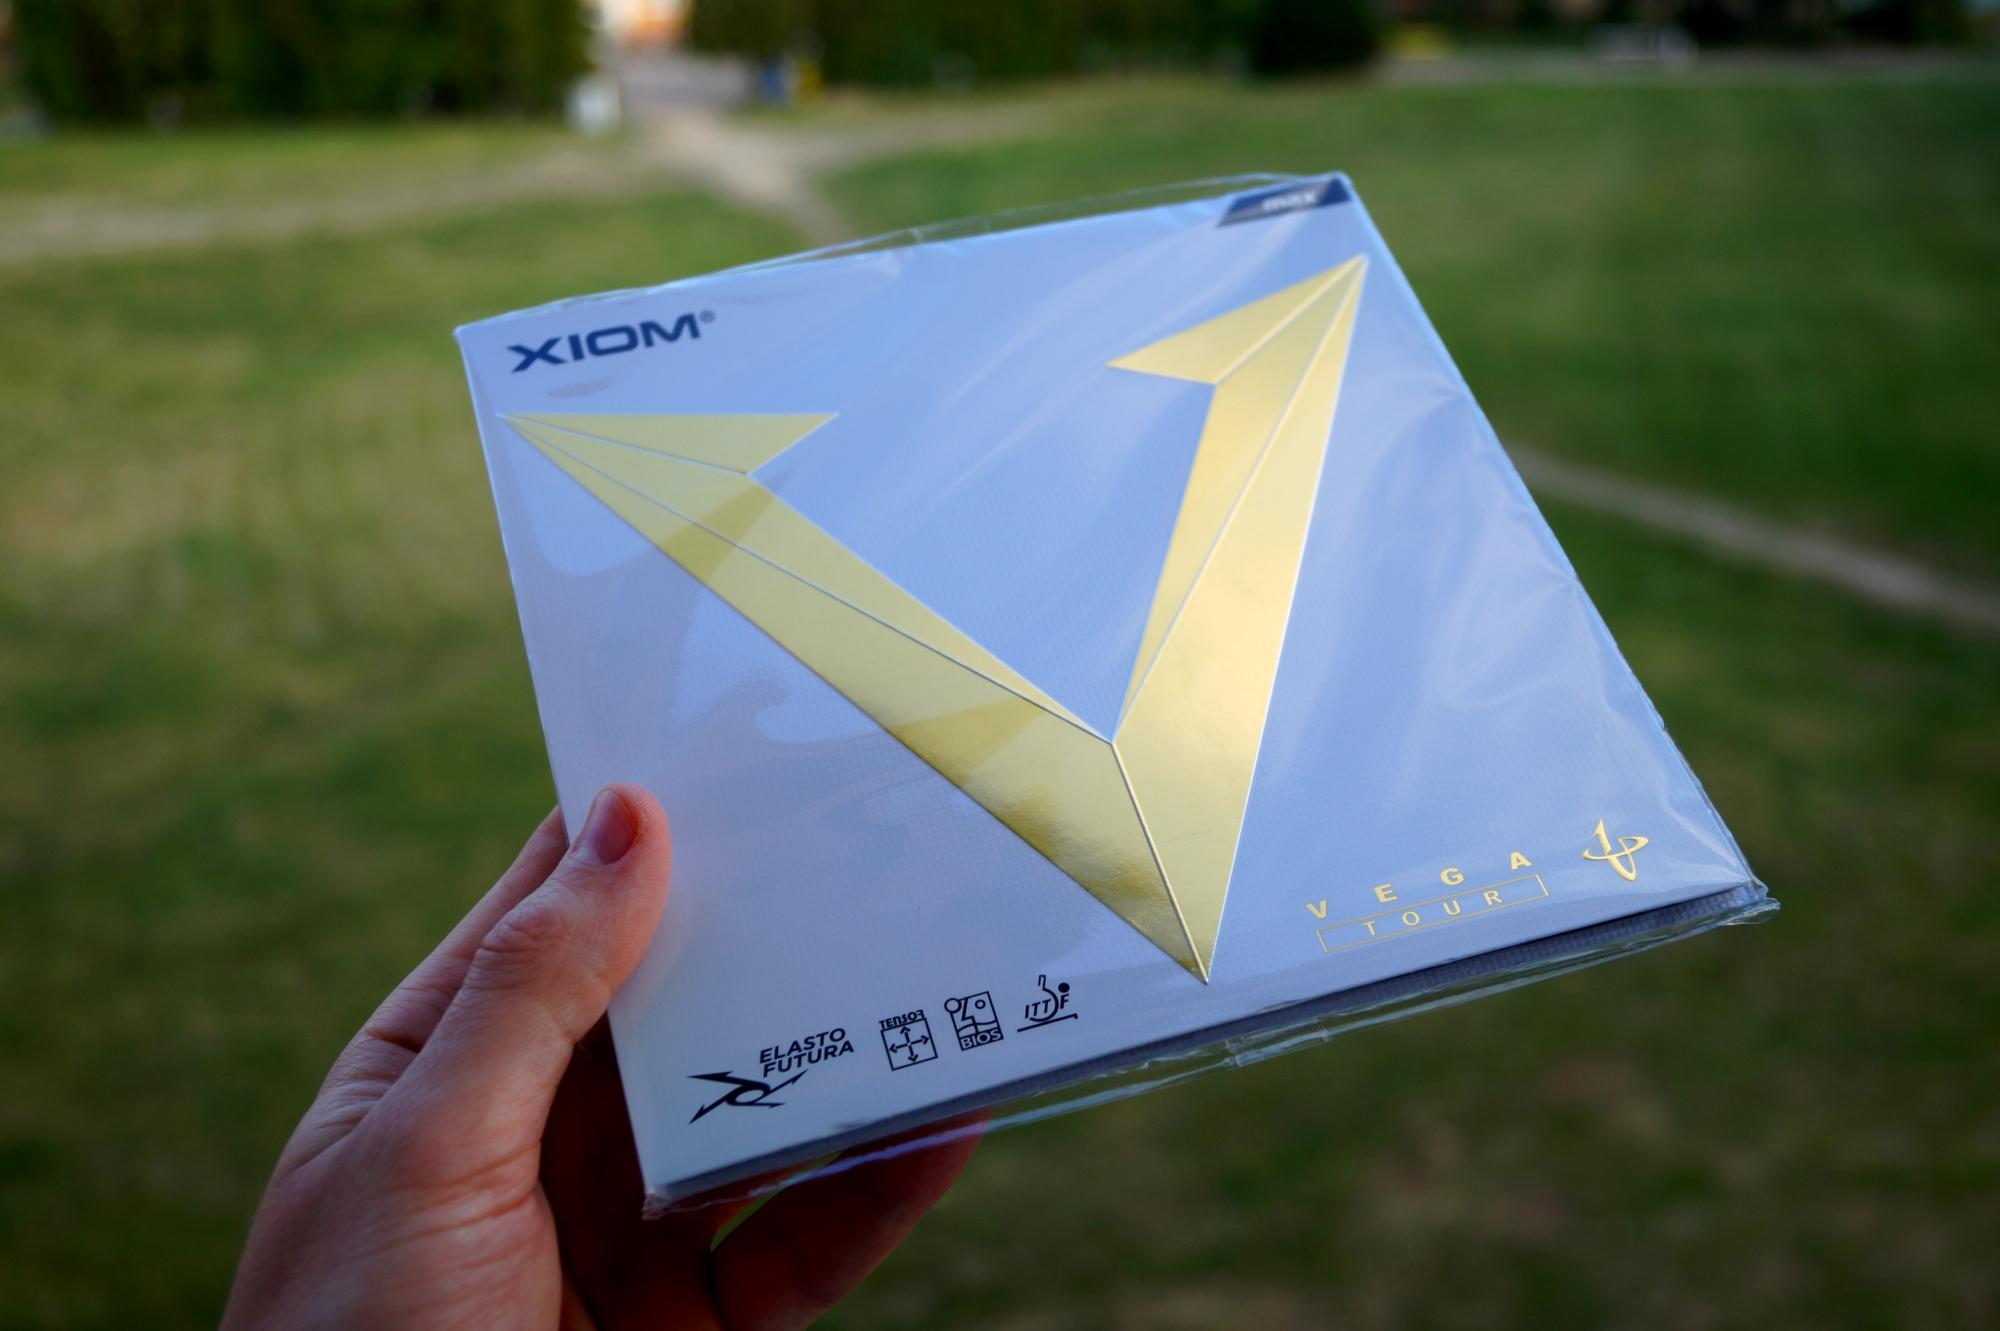 Další recenze od Ondřeje Horáka, tentokrát na XIOM Vega Tour!